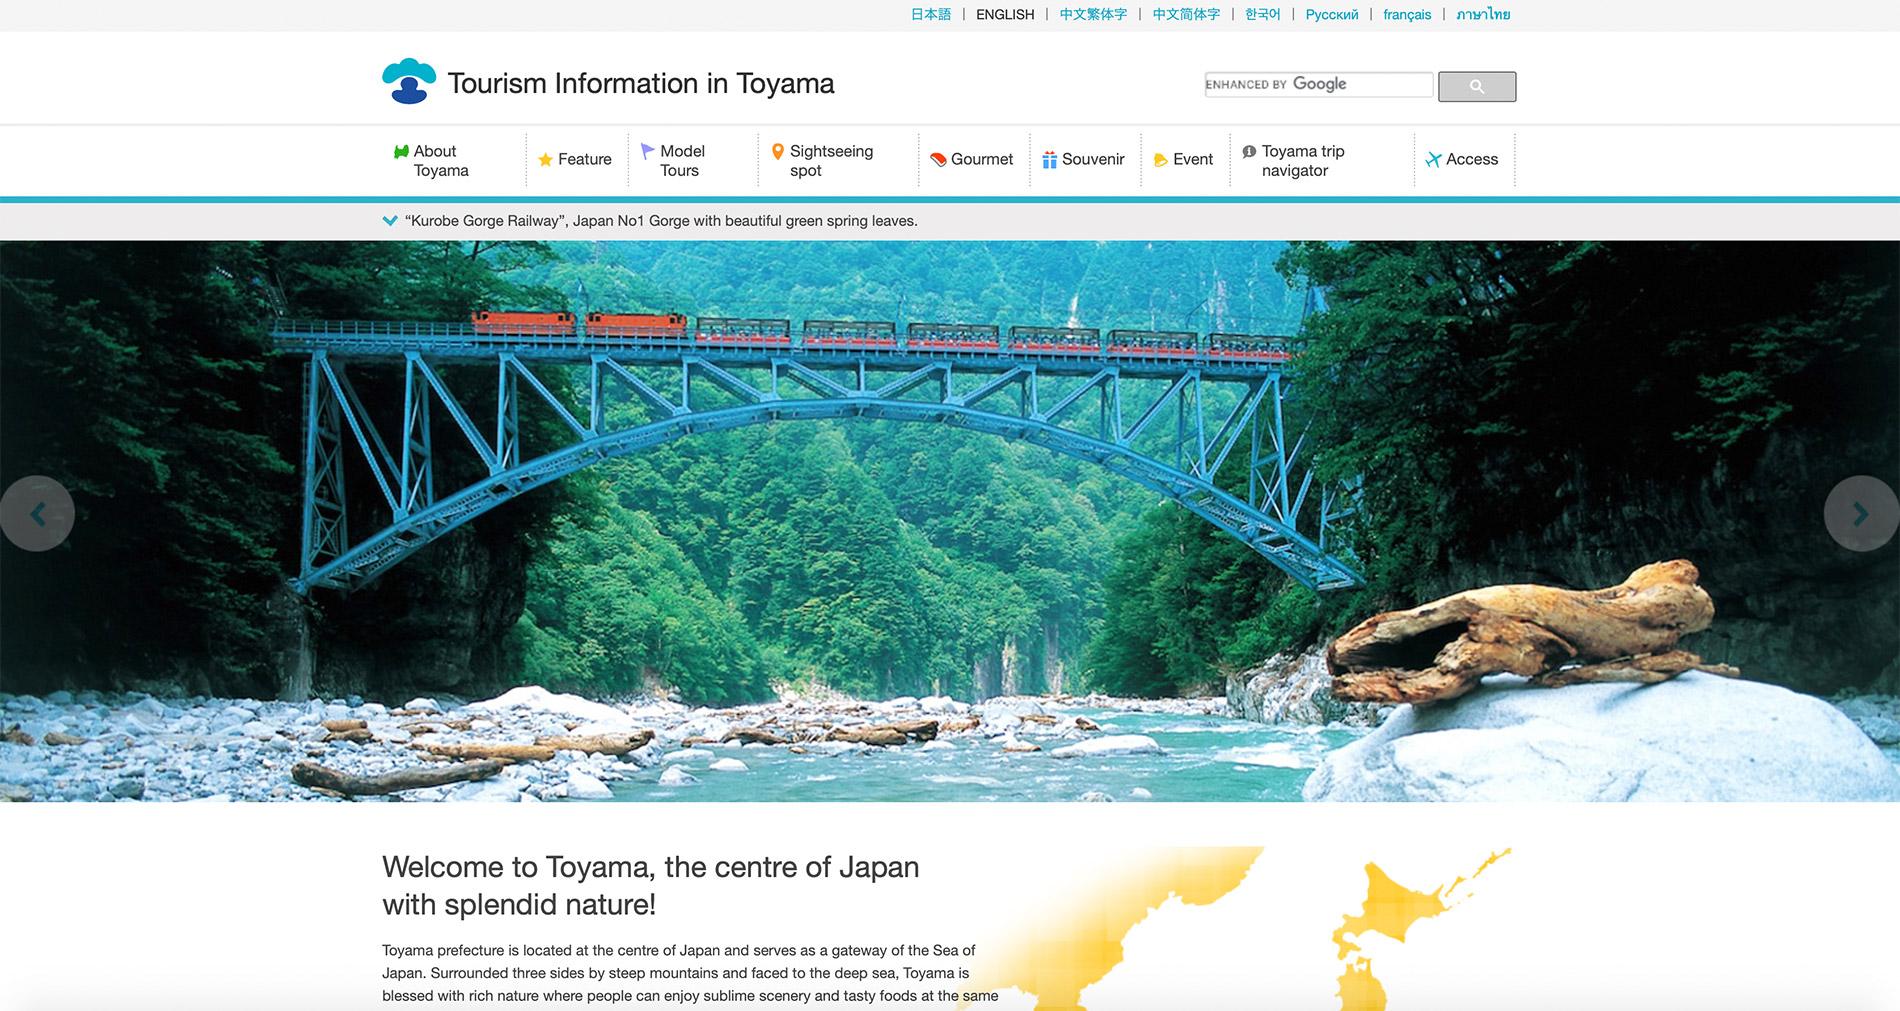 Die englische Webseite des Tourismusverbandes der Präfektur Toyama.